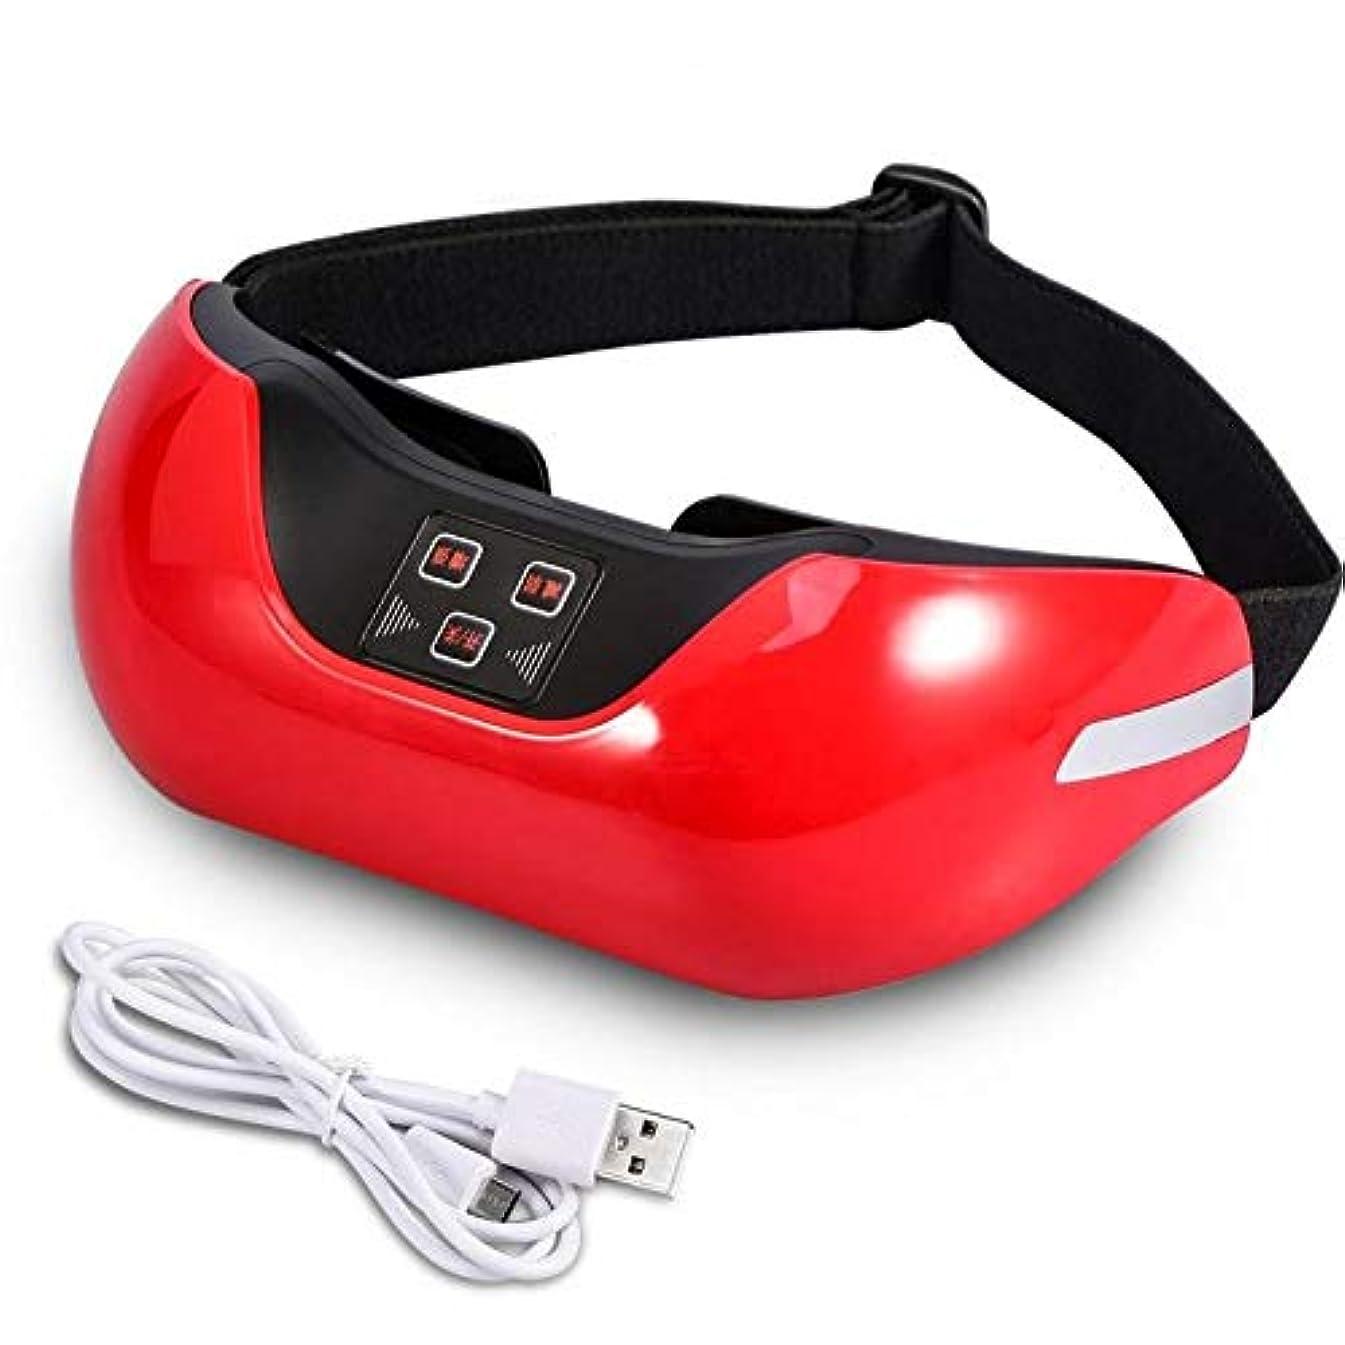 すなわち地獄分類Ruzzy 緑色光アイマッサージャー付き3D充電式マッサージャー 購入へようこそ (Color : Red)